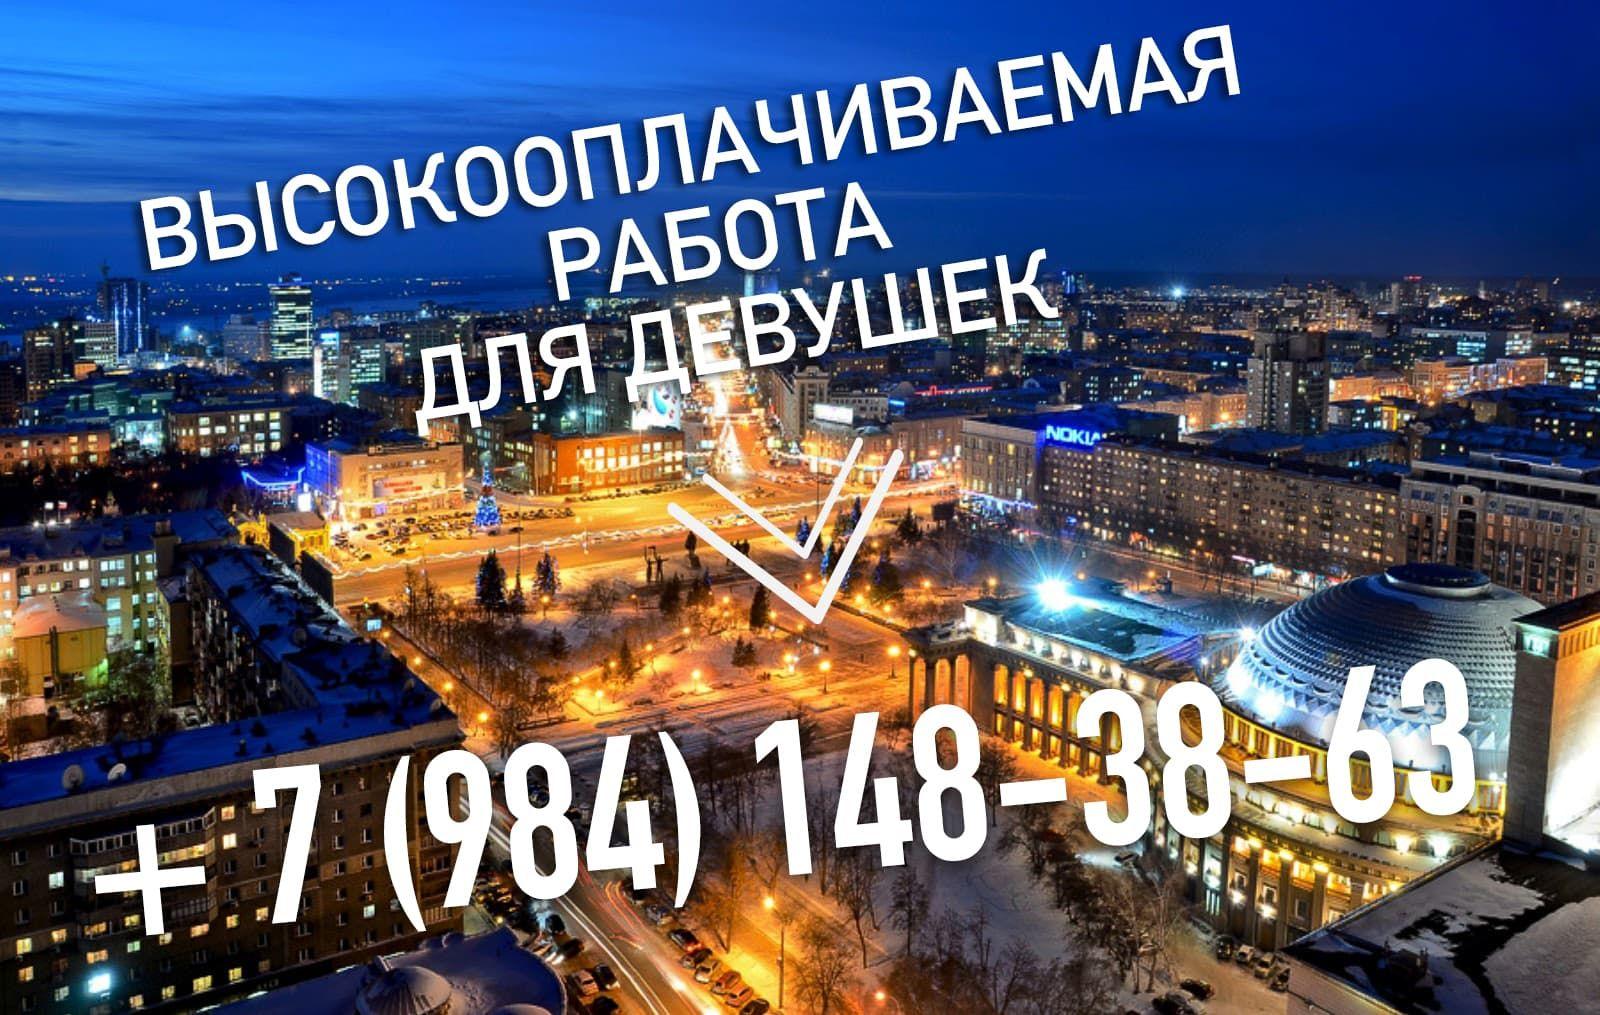 эскорт работа в Новосибирске для девушек